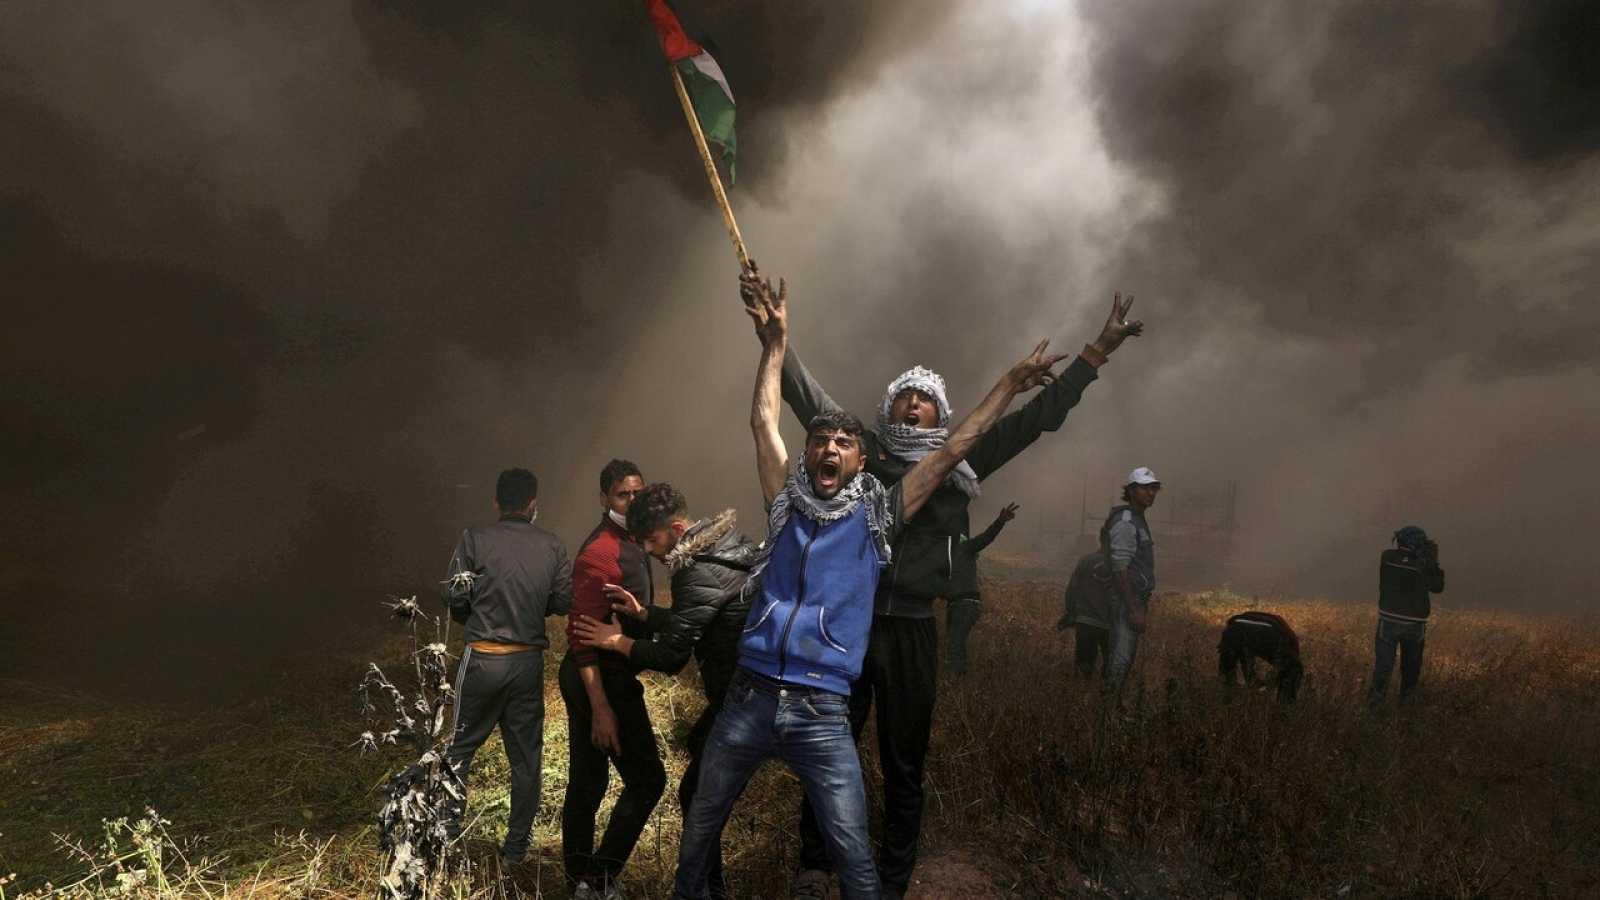 Manifestantes palestinos se enfrentan a soldados israelís en la franja de Gaza en 2018